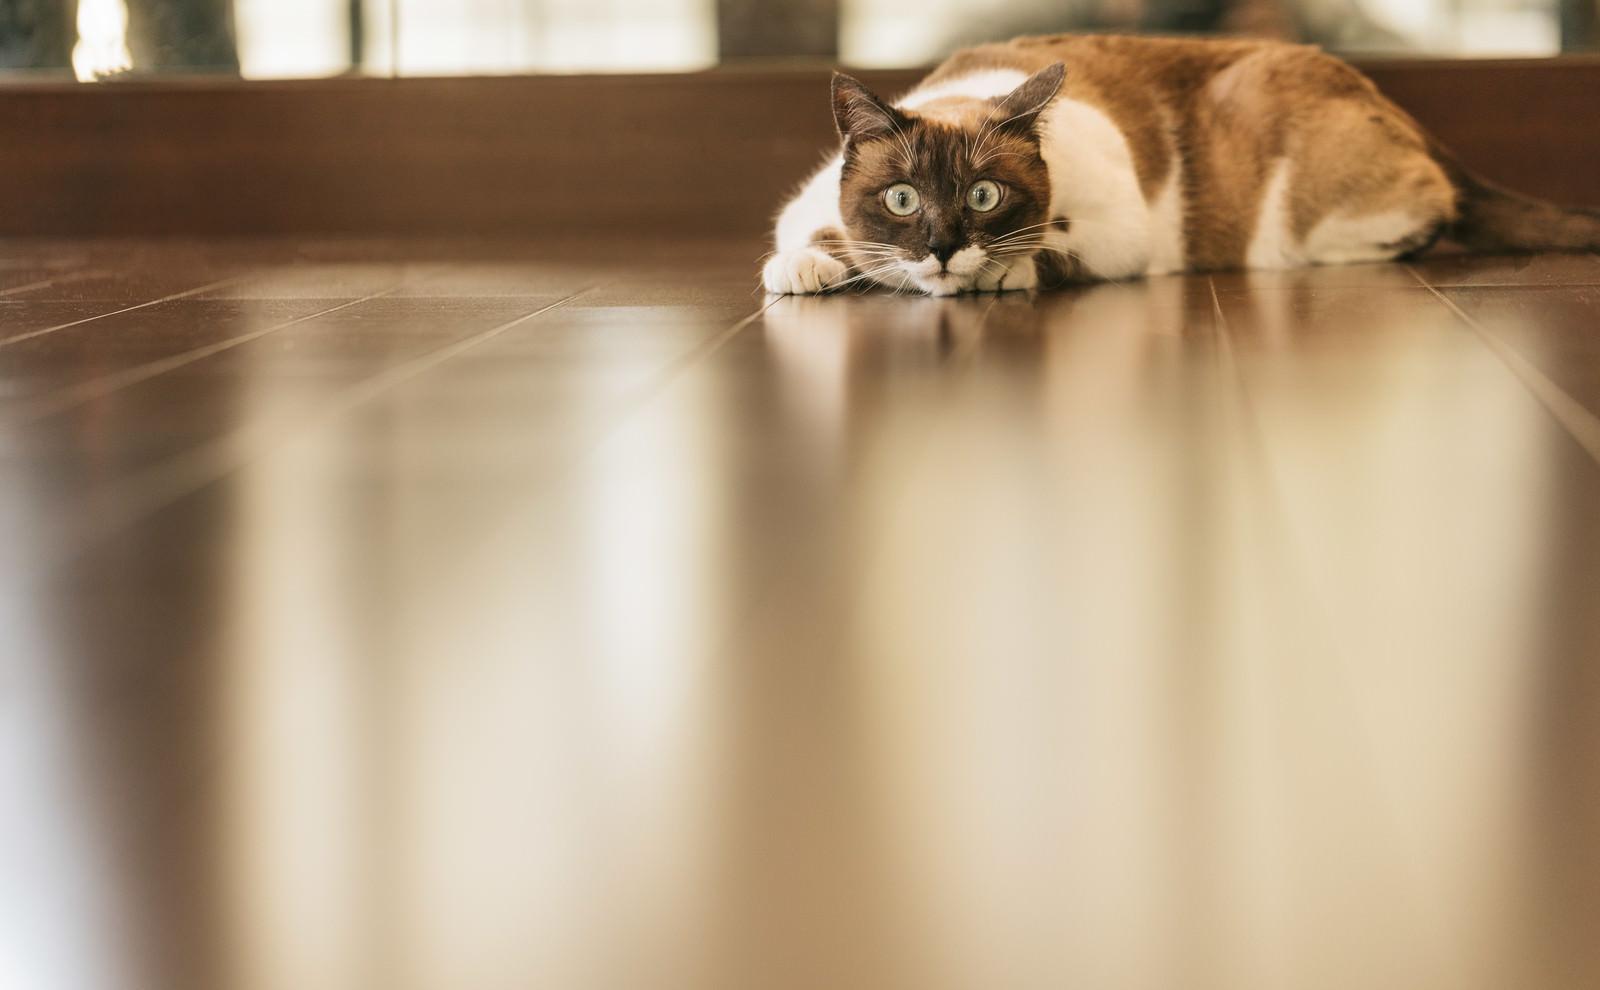 「獲物を狙う猫獲物を狙う猫」のフリー写真素材を拡大